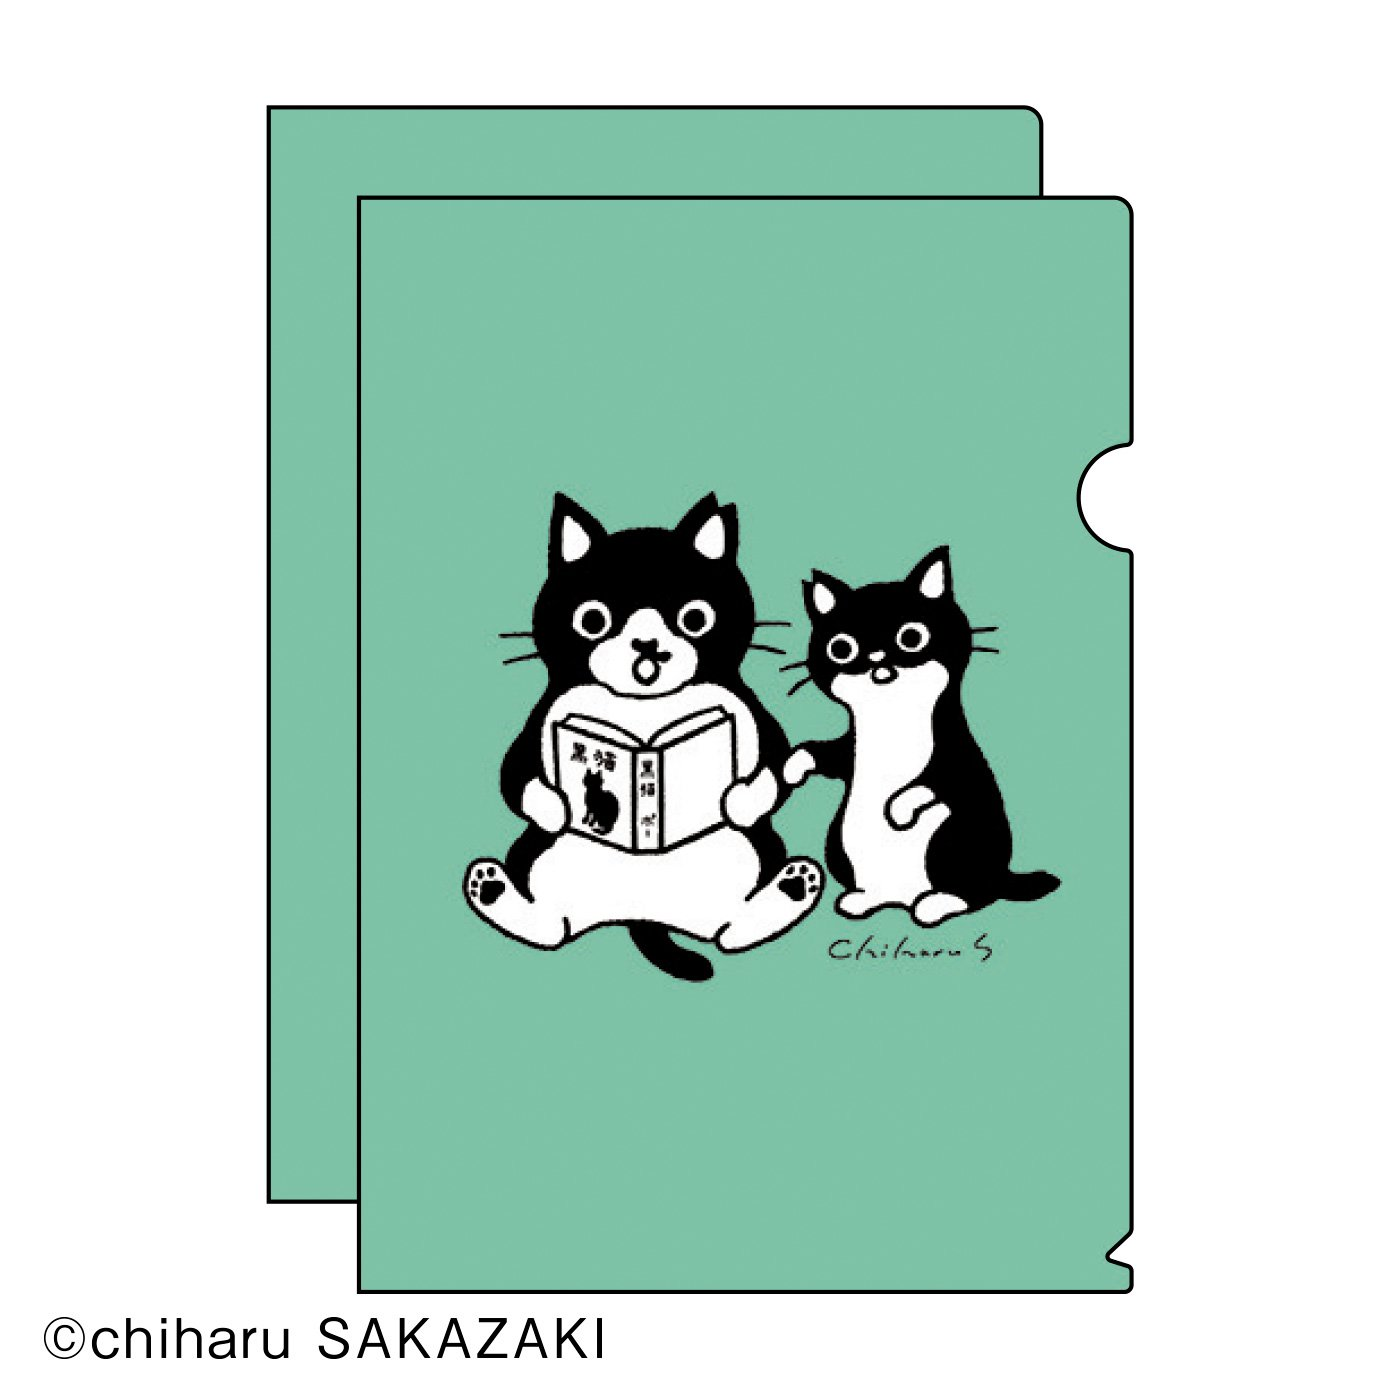 坂崎千春×猫部 地域猫チャリティークリアファイル2021